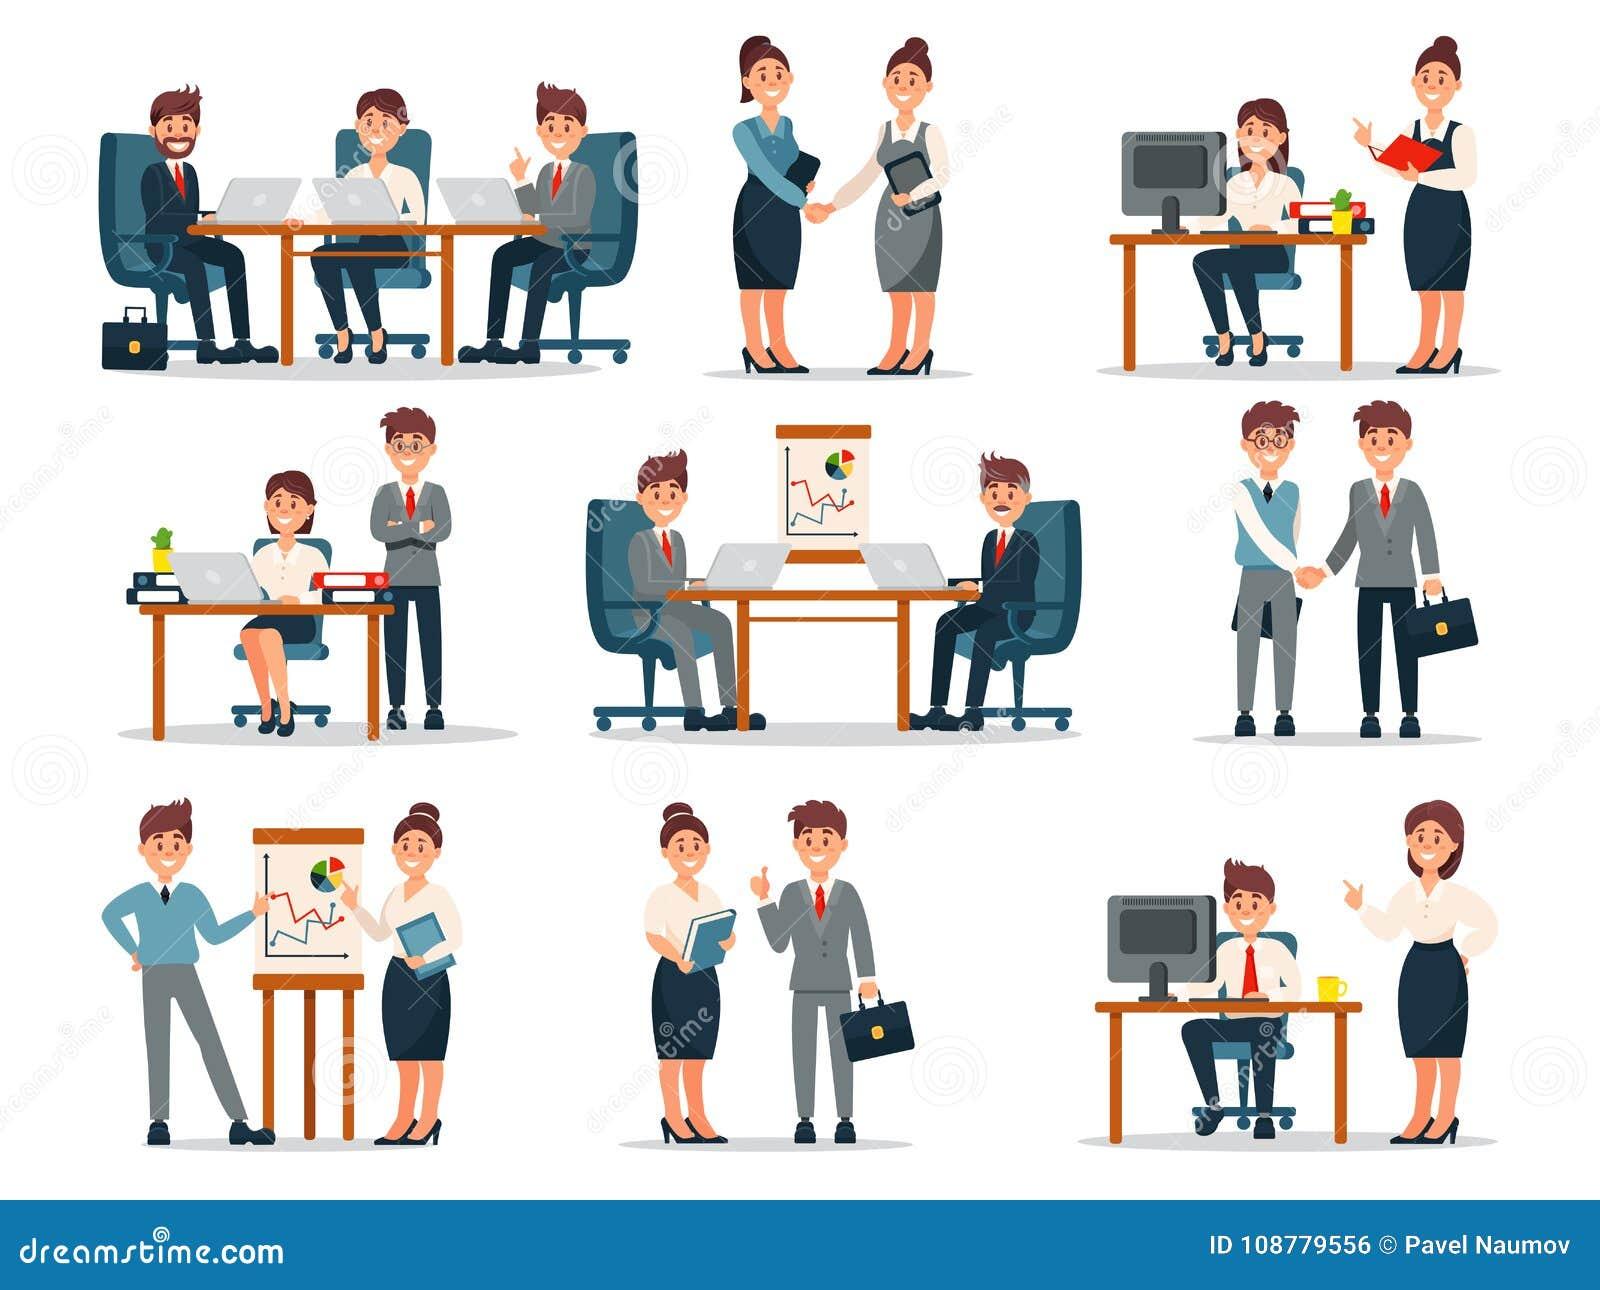 Los hombres de negocios de los caracteres en el sistema del trabajo, el varón y los trabajadores de sexo femenino en el lugar de